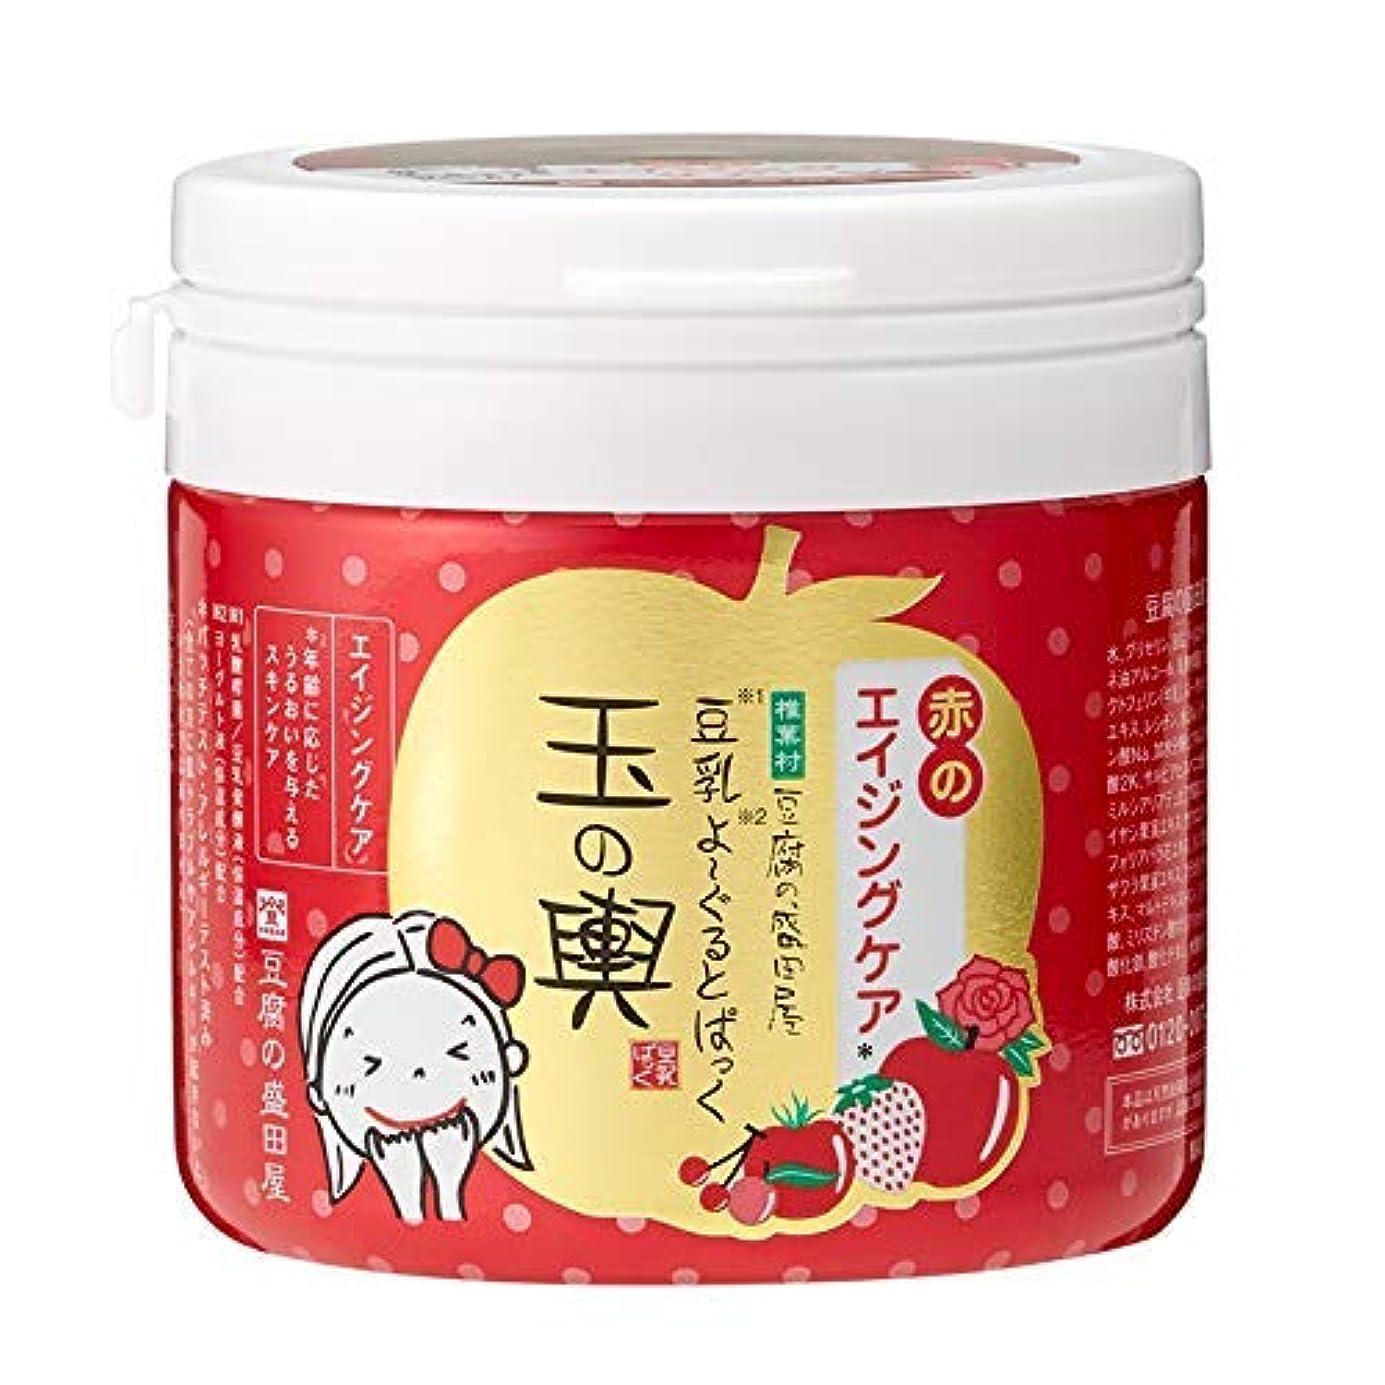 肝倉庫購入豆腐の盛田屋 豆乳よーぐるとぱっく 玉の輿 赤のエイジングケア 150g